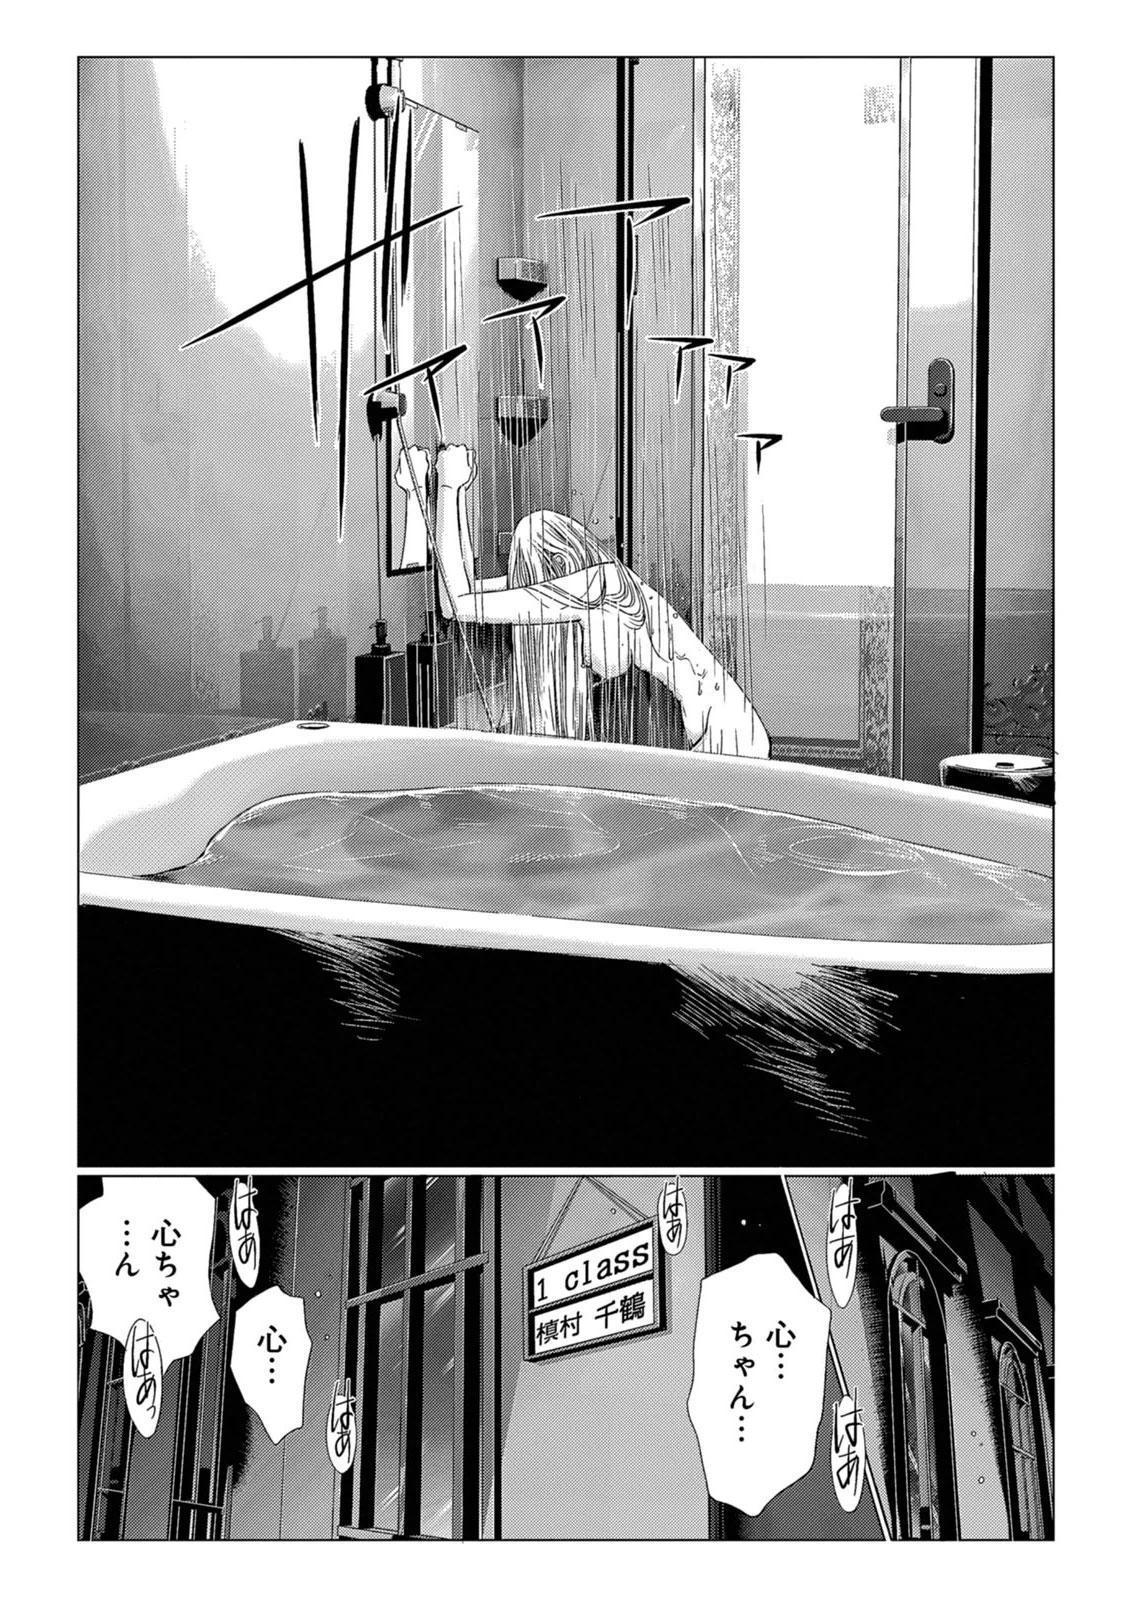 [Miyazaki Maya] Holy Knight ~Junketsu to Ai no Hazama de~ Vol. 1 37